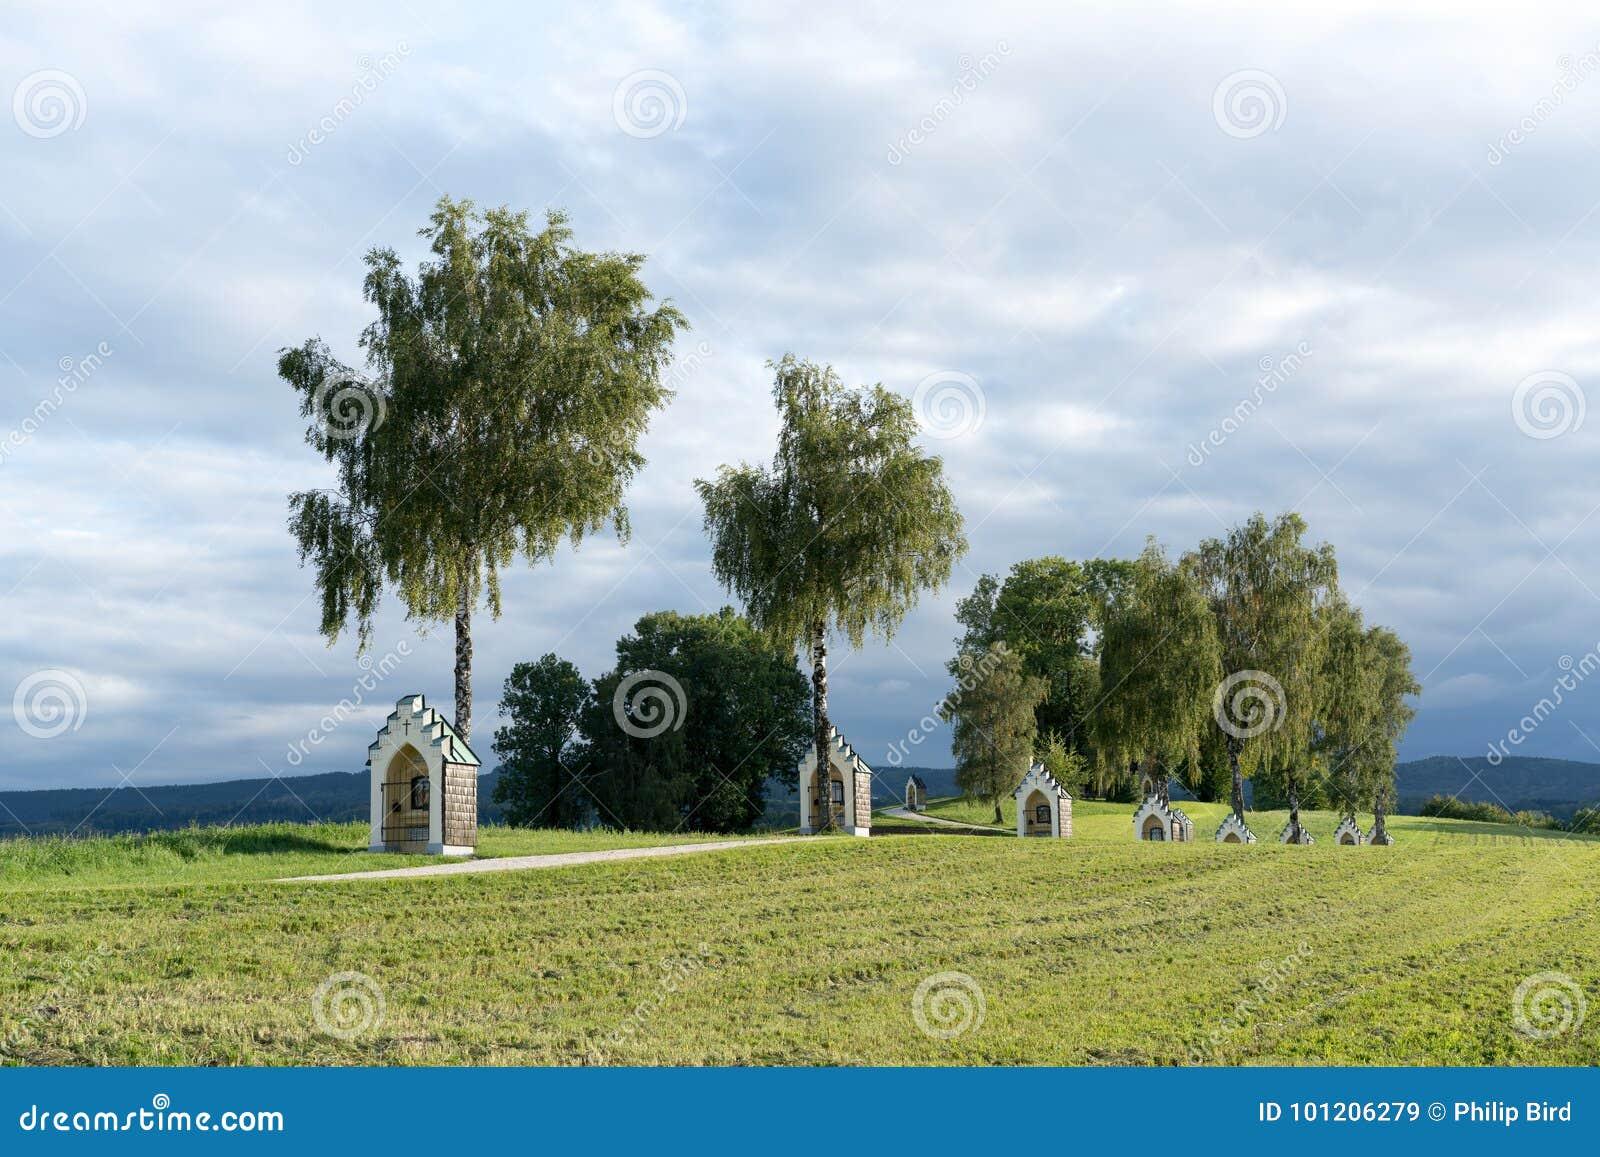 ST. GEORGEN, UPPER AUSTRIA/AUSTRIA - SEPTEMBER 15 : Calvary Church in St Georgen im Attergau in Austria on September 15, 2017